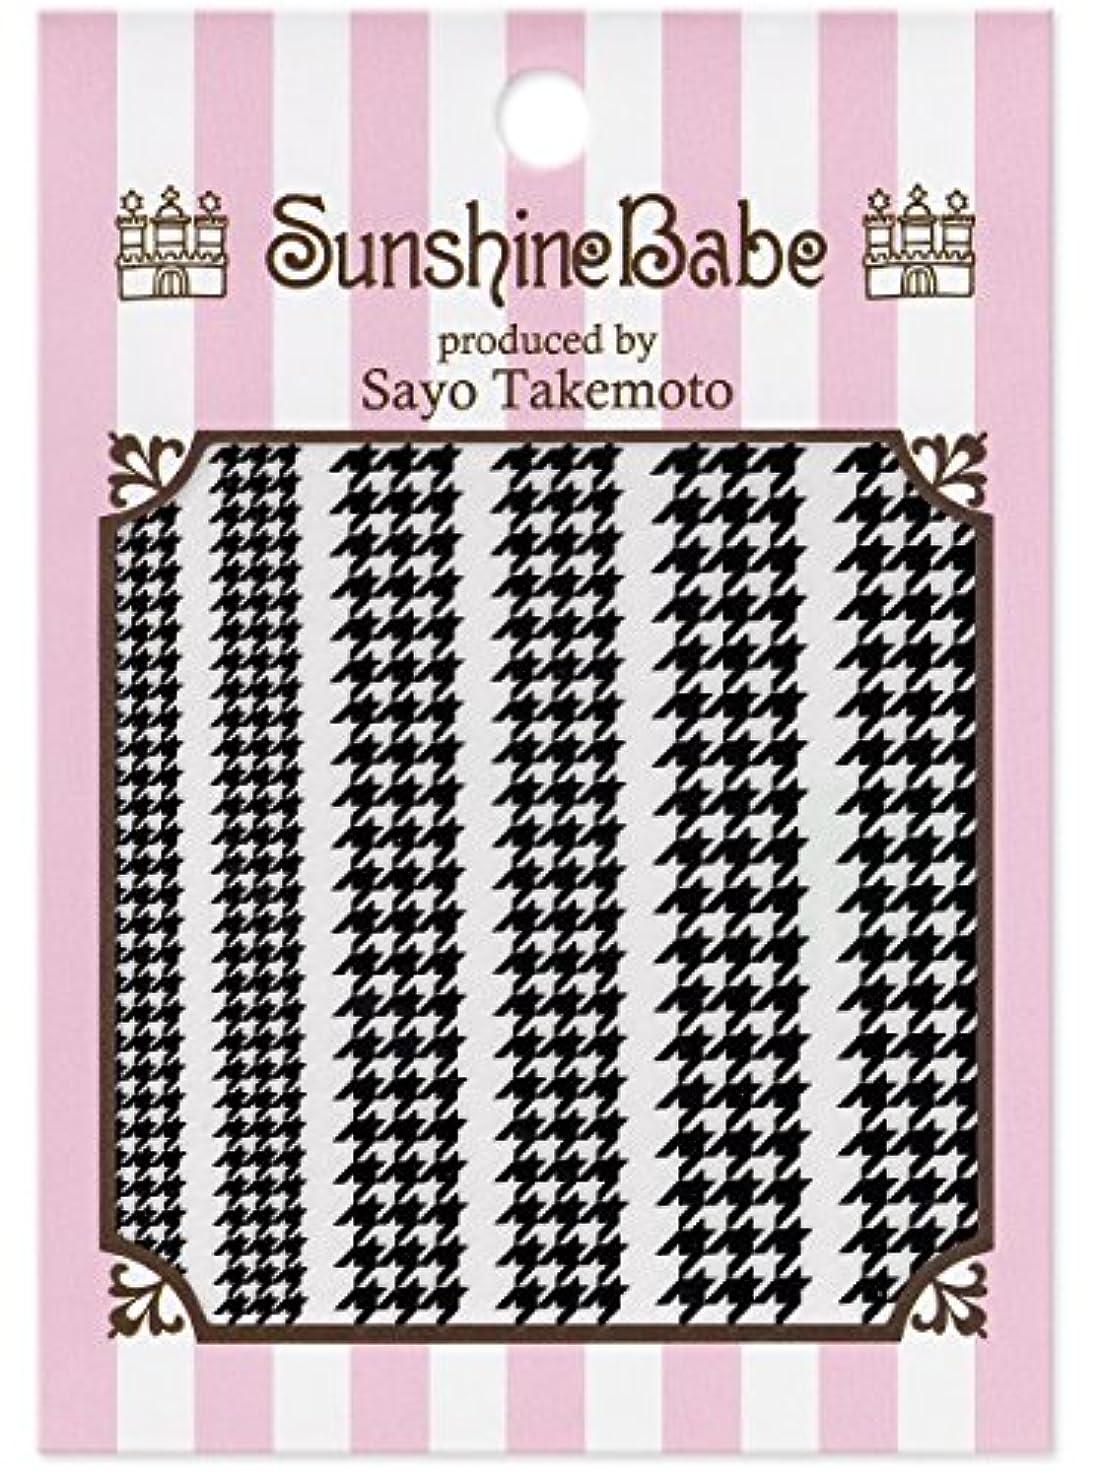 かまど圧縮効果的にサンシャインベビー ジェルネイル 武本小夜のネイルシール Sayo Style 千鳥格子A ブラック